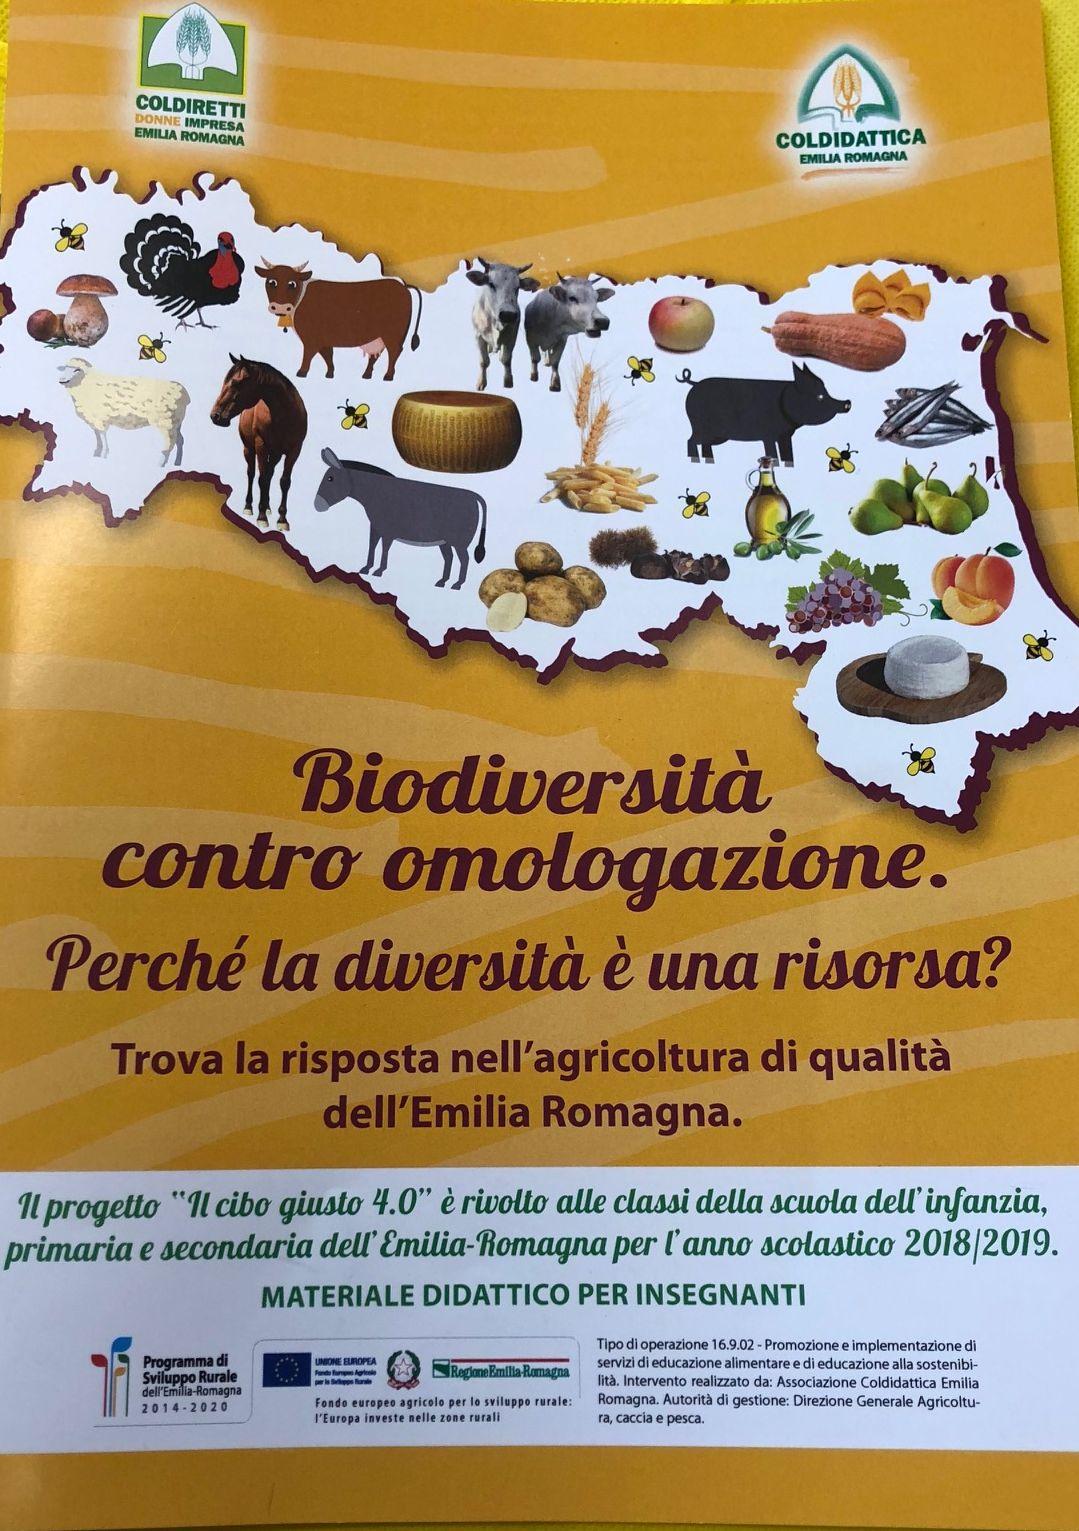 Biodiversità contro omologazione. Perché la diversità è una risorsa? Trova la risposta nell'agricoltura di qualità dell'Emilia Romagna